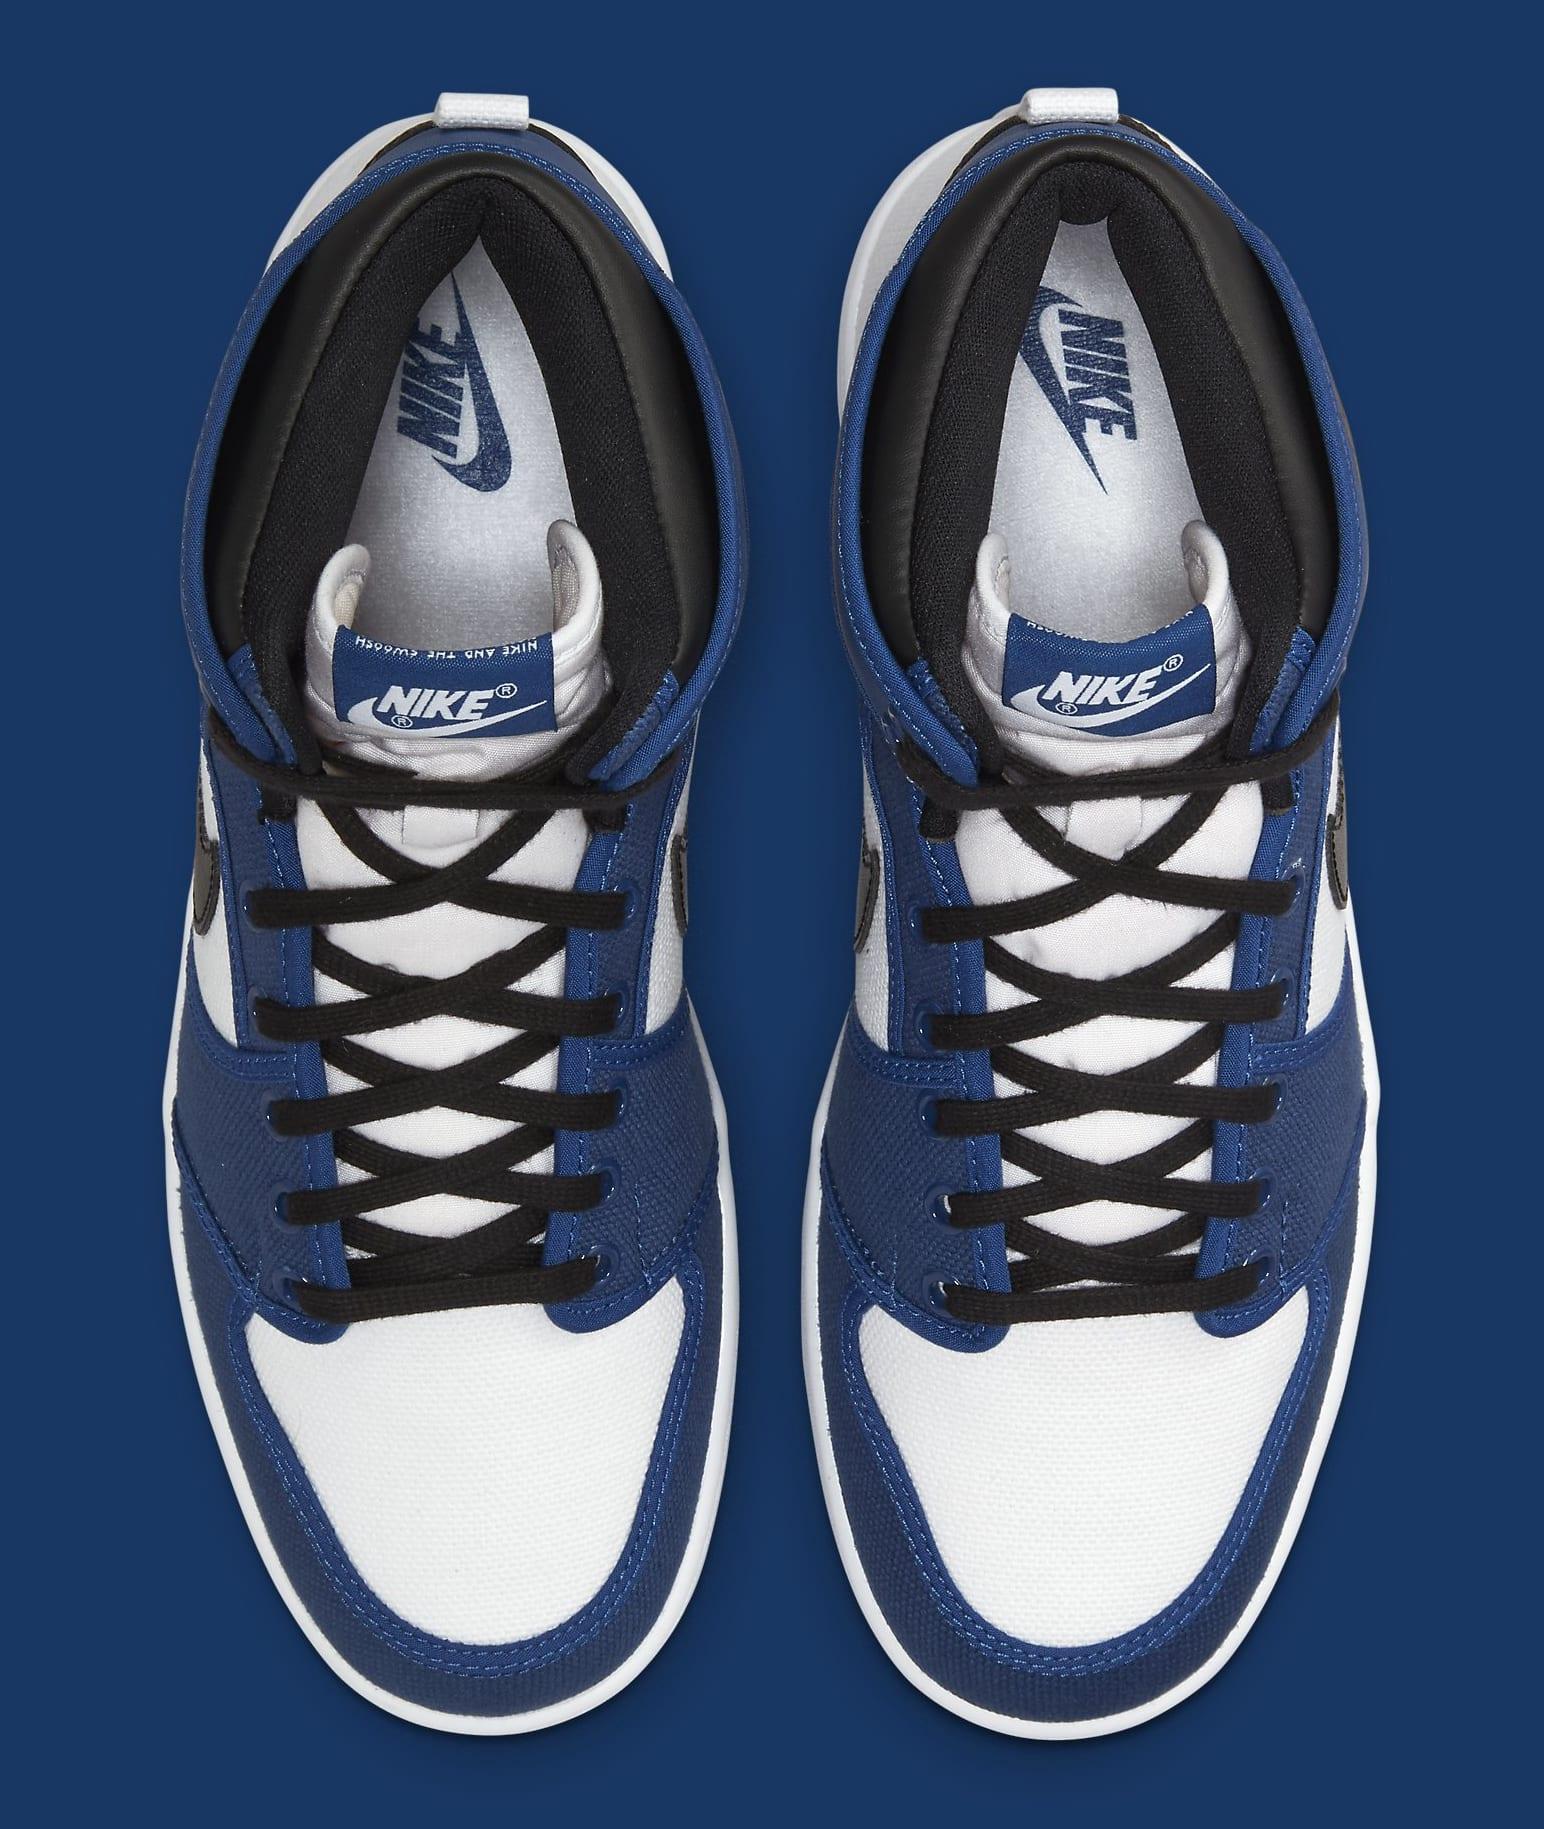 Air Jordan 1 KO 'Storm Blue' DO5047-401 Top